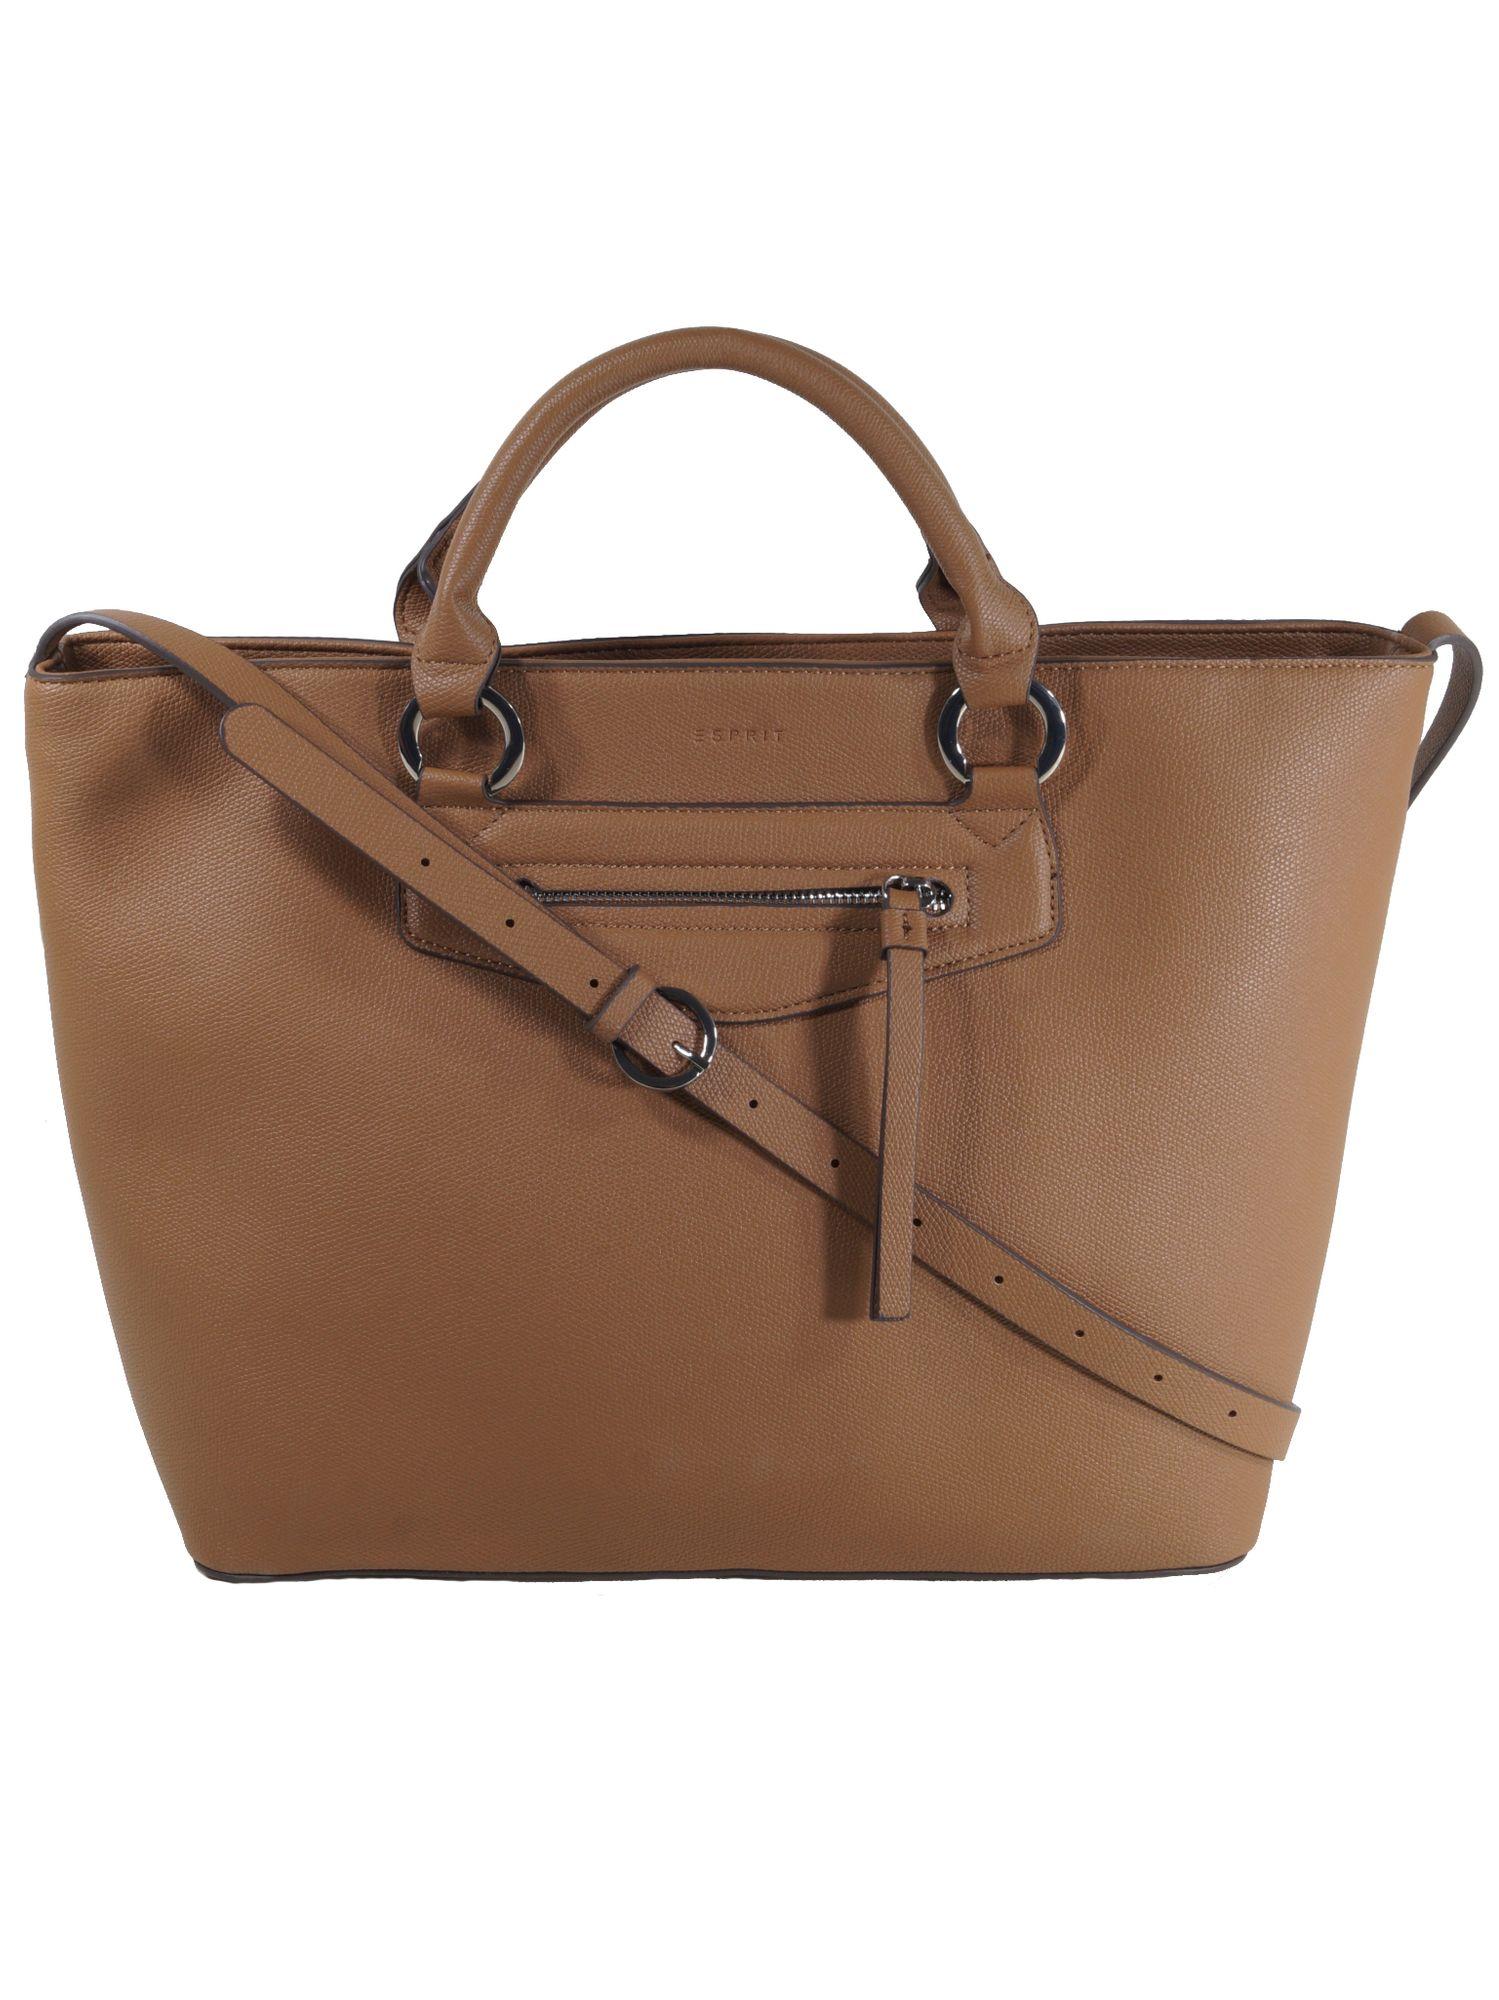 391e8798192a19 Esprit Damen Handtasche Tasche Henkeltasche Kerry Shopper Braun 1 ...